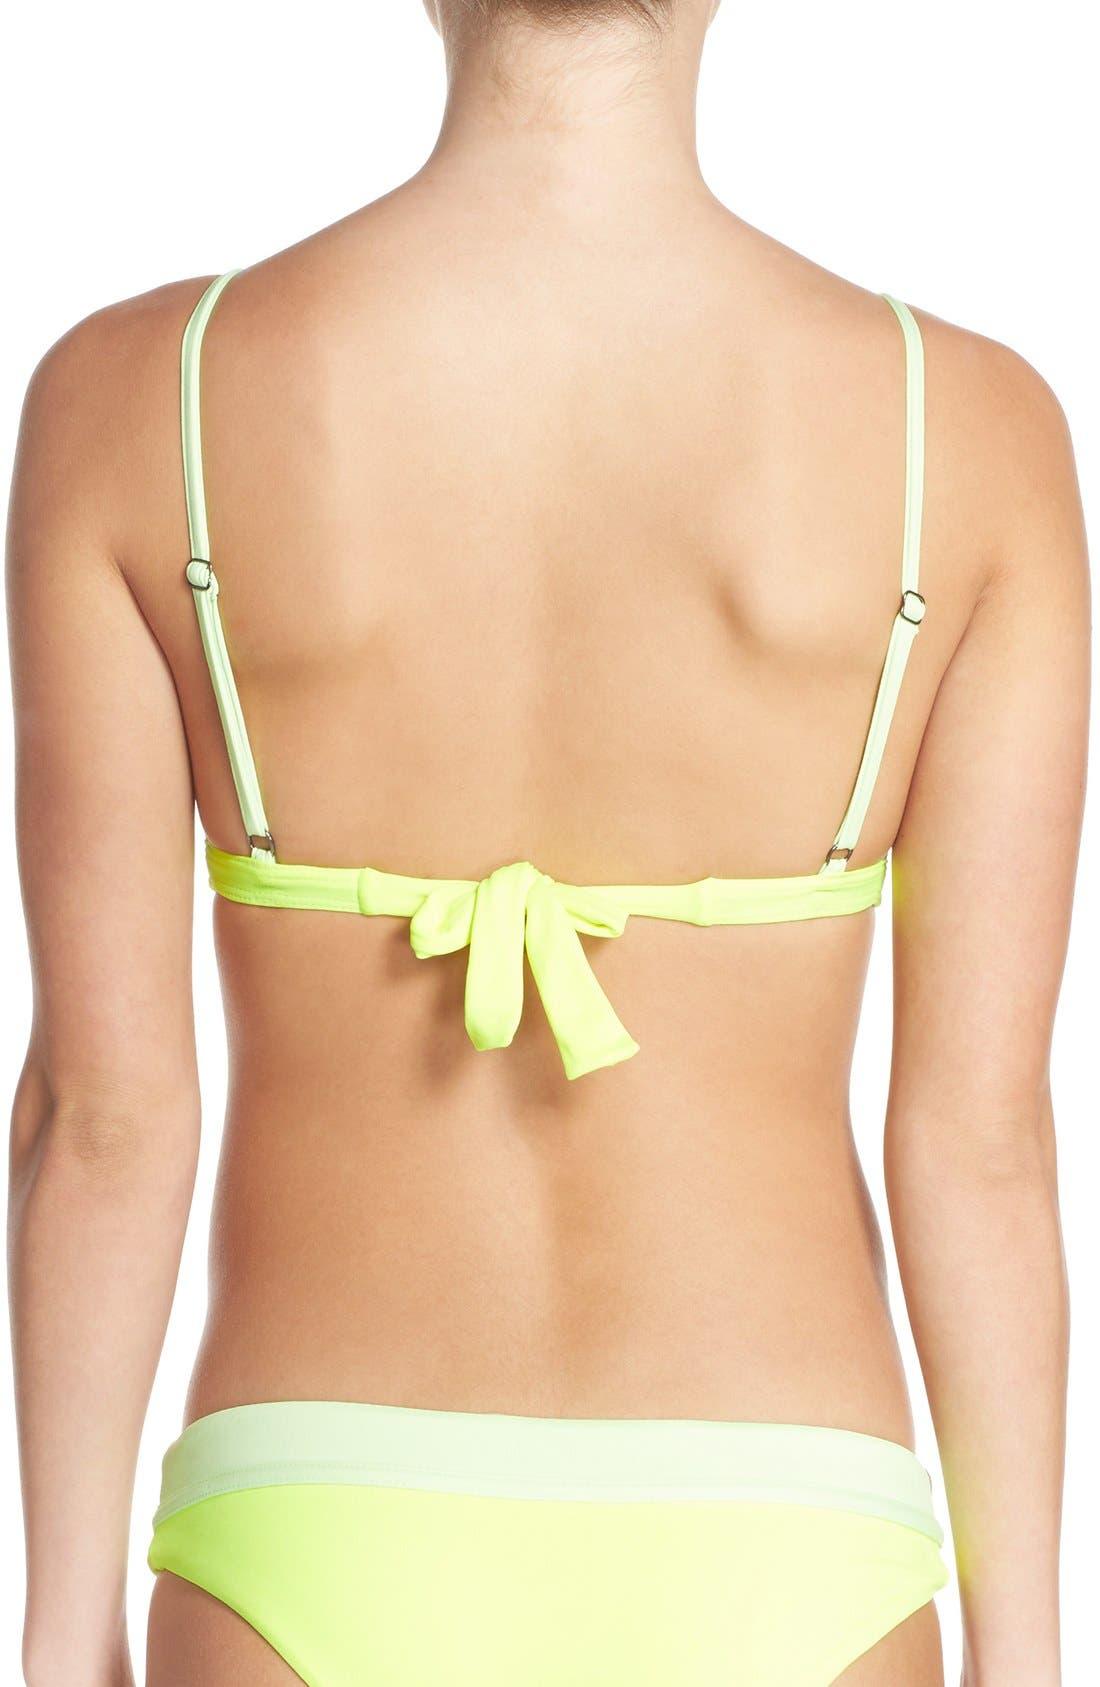 Alternate Image 2  - Maaji 'Lime Collage' Reversible Triangle Bikini Top